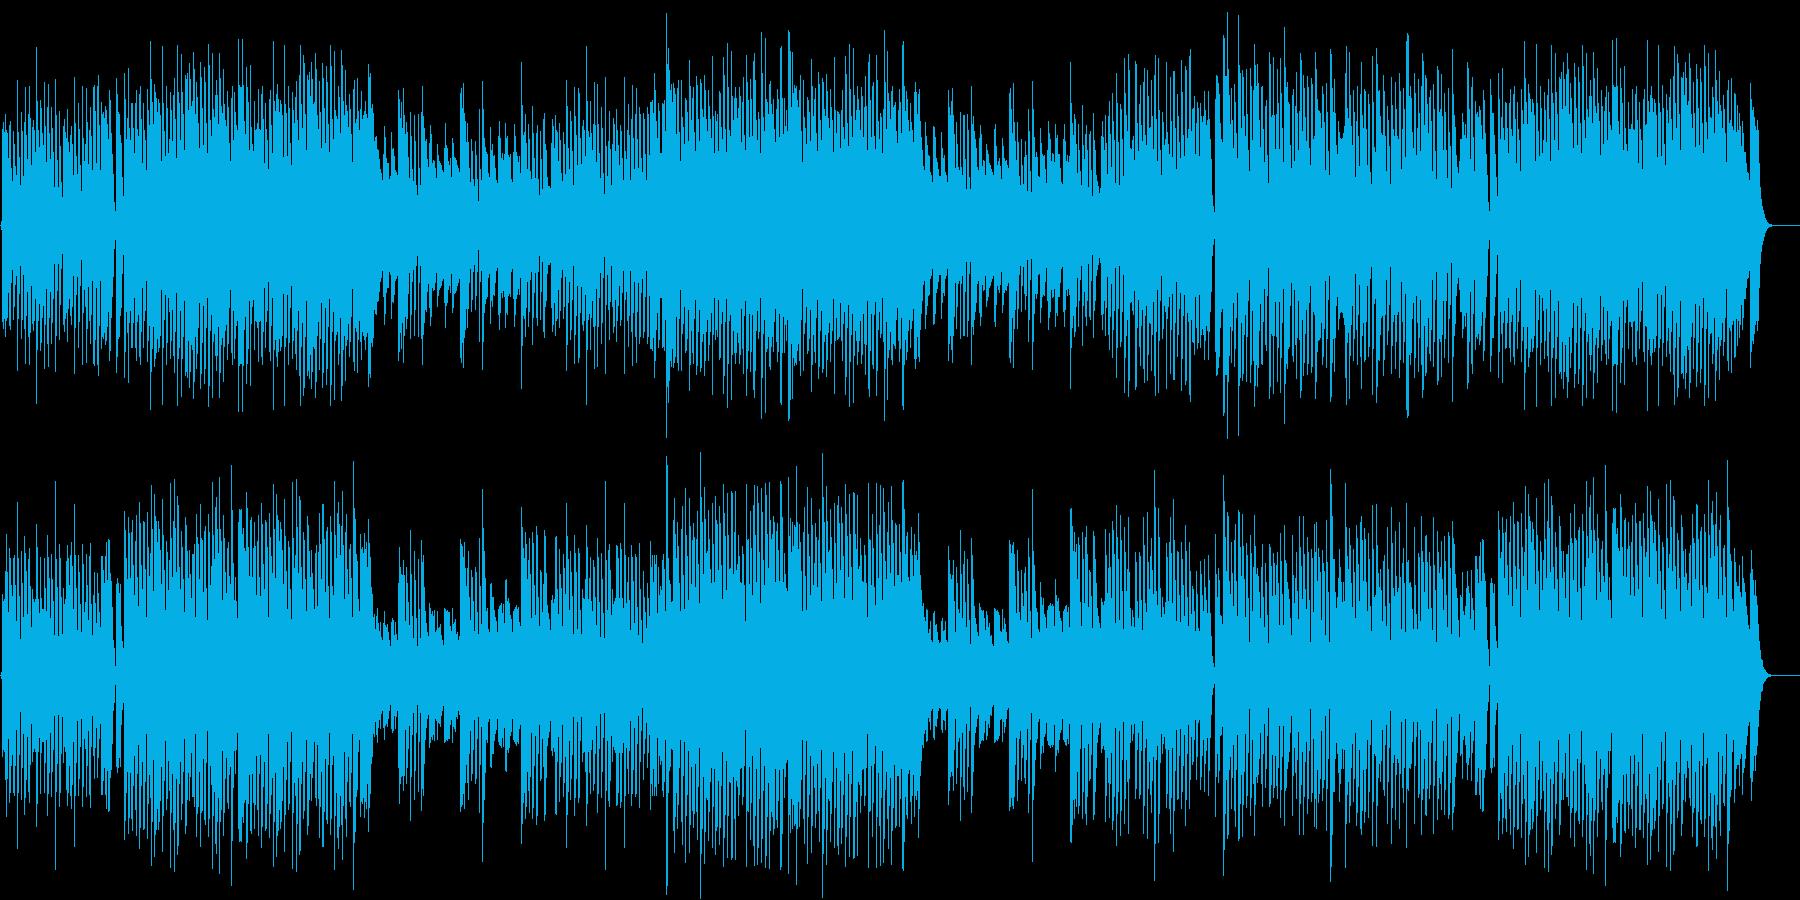 ペット動画に♪躍動感があるピアノBGMの再生済みの波形